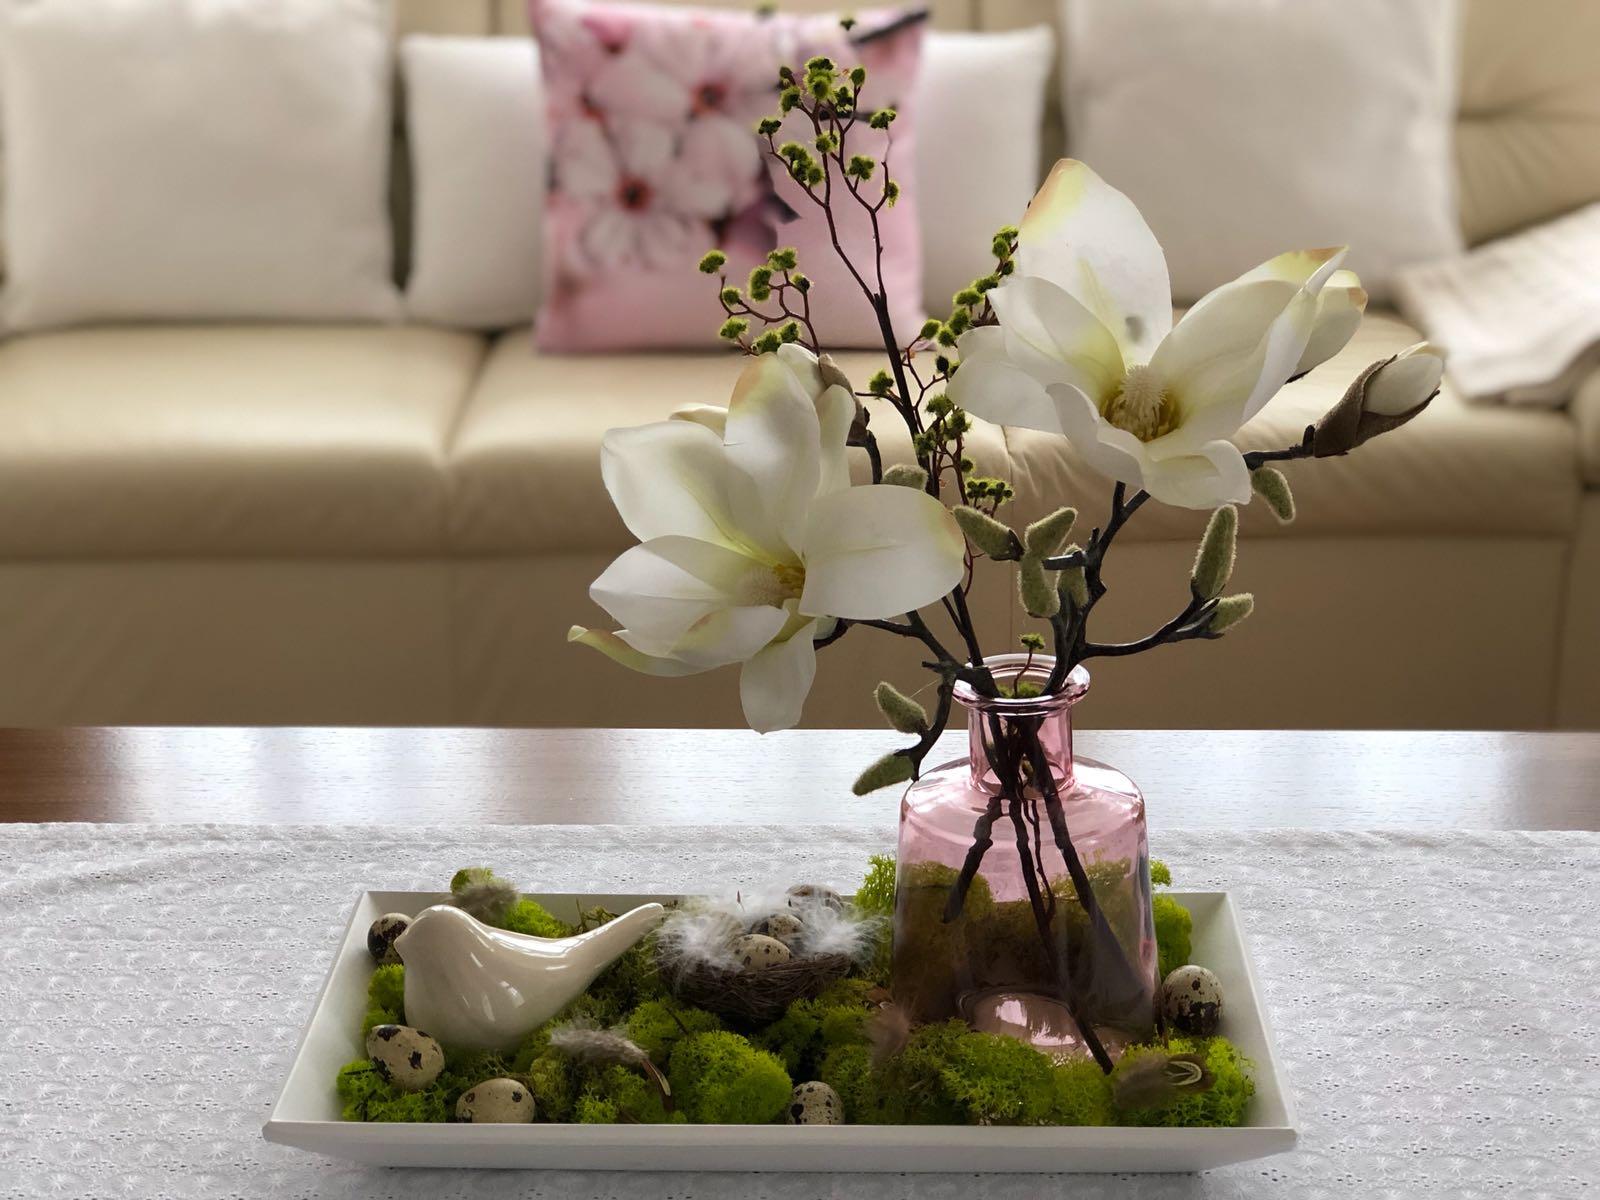 Jarne a letne aranzmany a dekoracie - Jarné tácky - príjemná a skoro trvalá dekorácia, ktorá vám okrem kvetov vydrží a navyše aj neomrzí, keďže kvety môžete obmienať podľa nálady.  Ak sa vám páči, radi vám ju pripravíme a donesieme alebo odošleme. Krásnu jar!